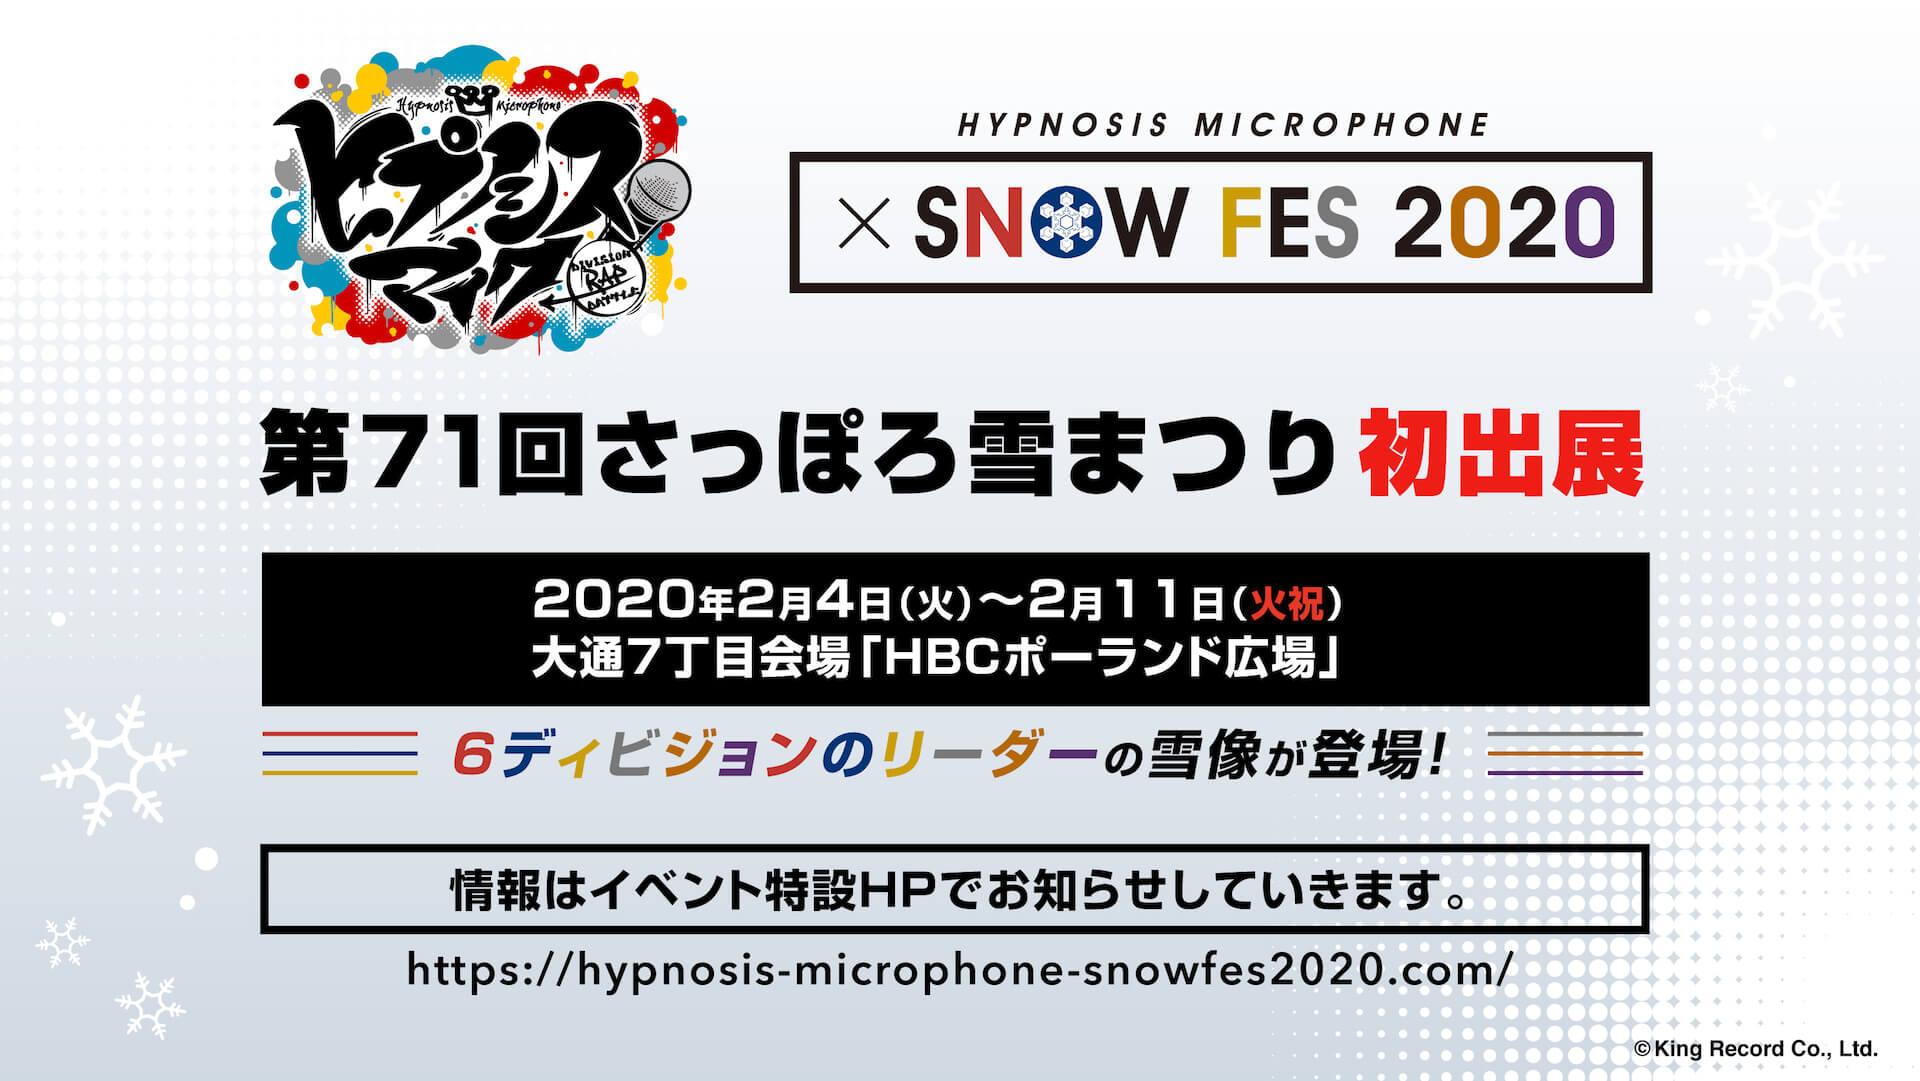 ヒプノシスマイク6ディビジョンのリーダーが雪像になって登場!初のさっぽろ雪まつり出展決定|会場限定グッズも art200109_hypnosismic_sapporo_1